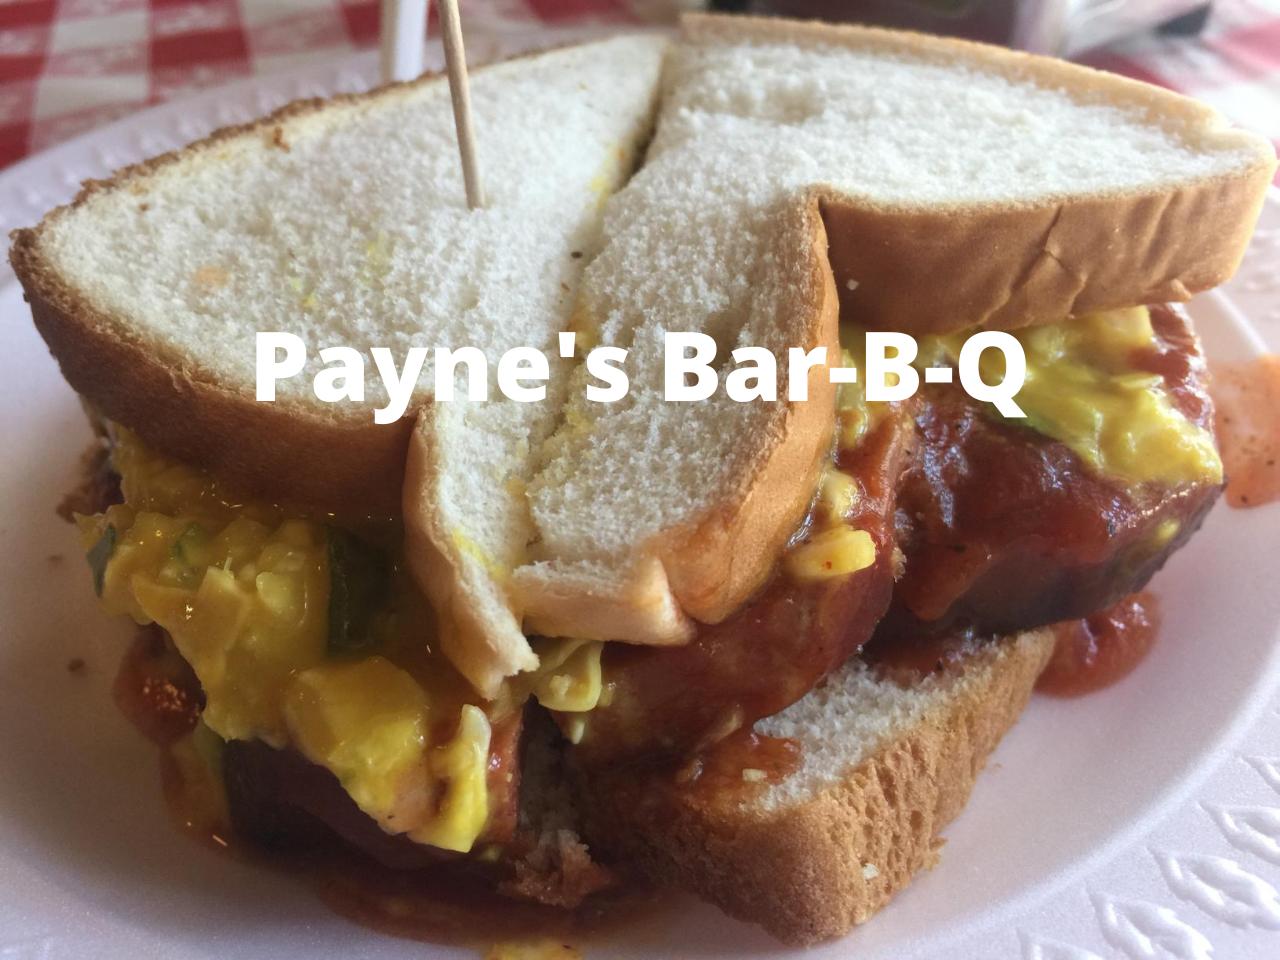 Paynes B-B-Q